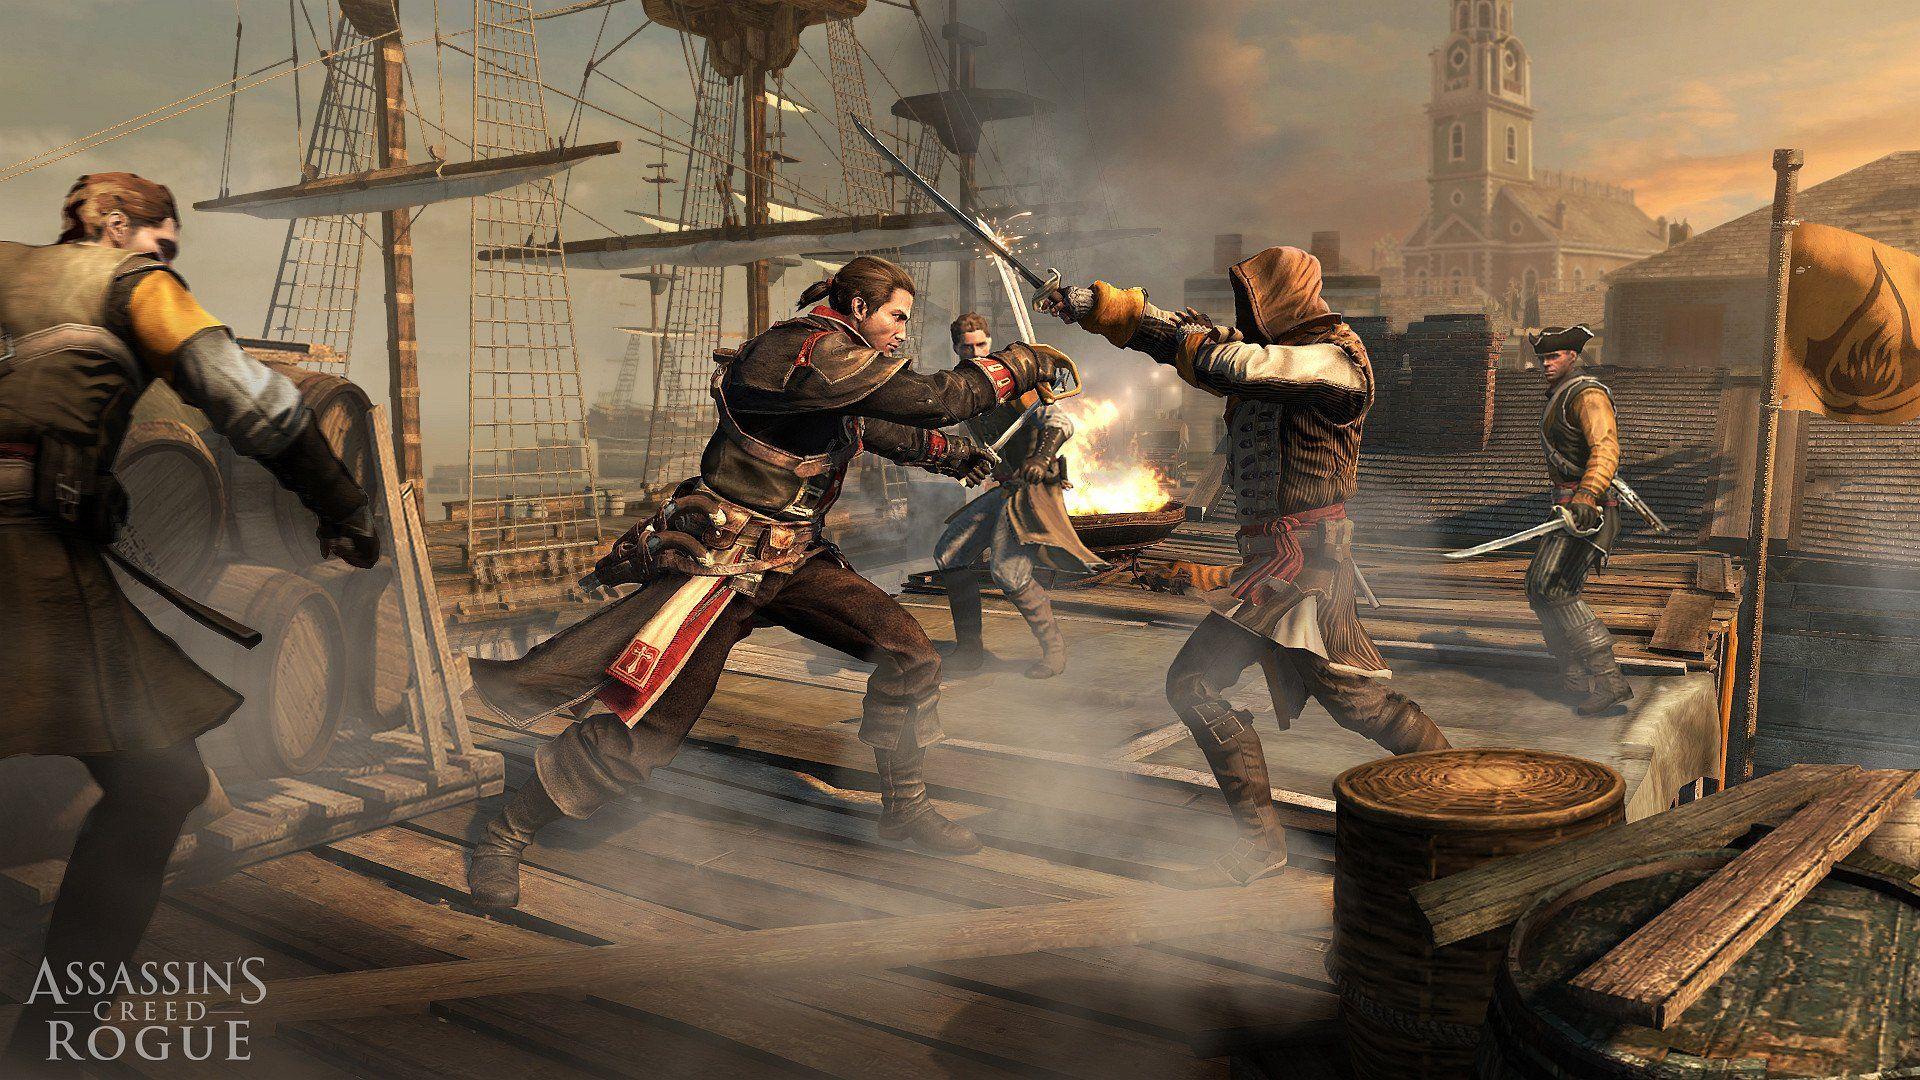 Shay Patrick Cormac Assassins Creed Rogue Assassinscreed